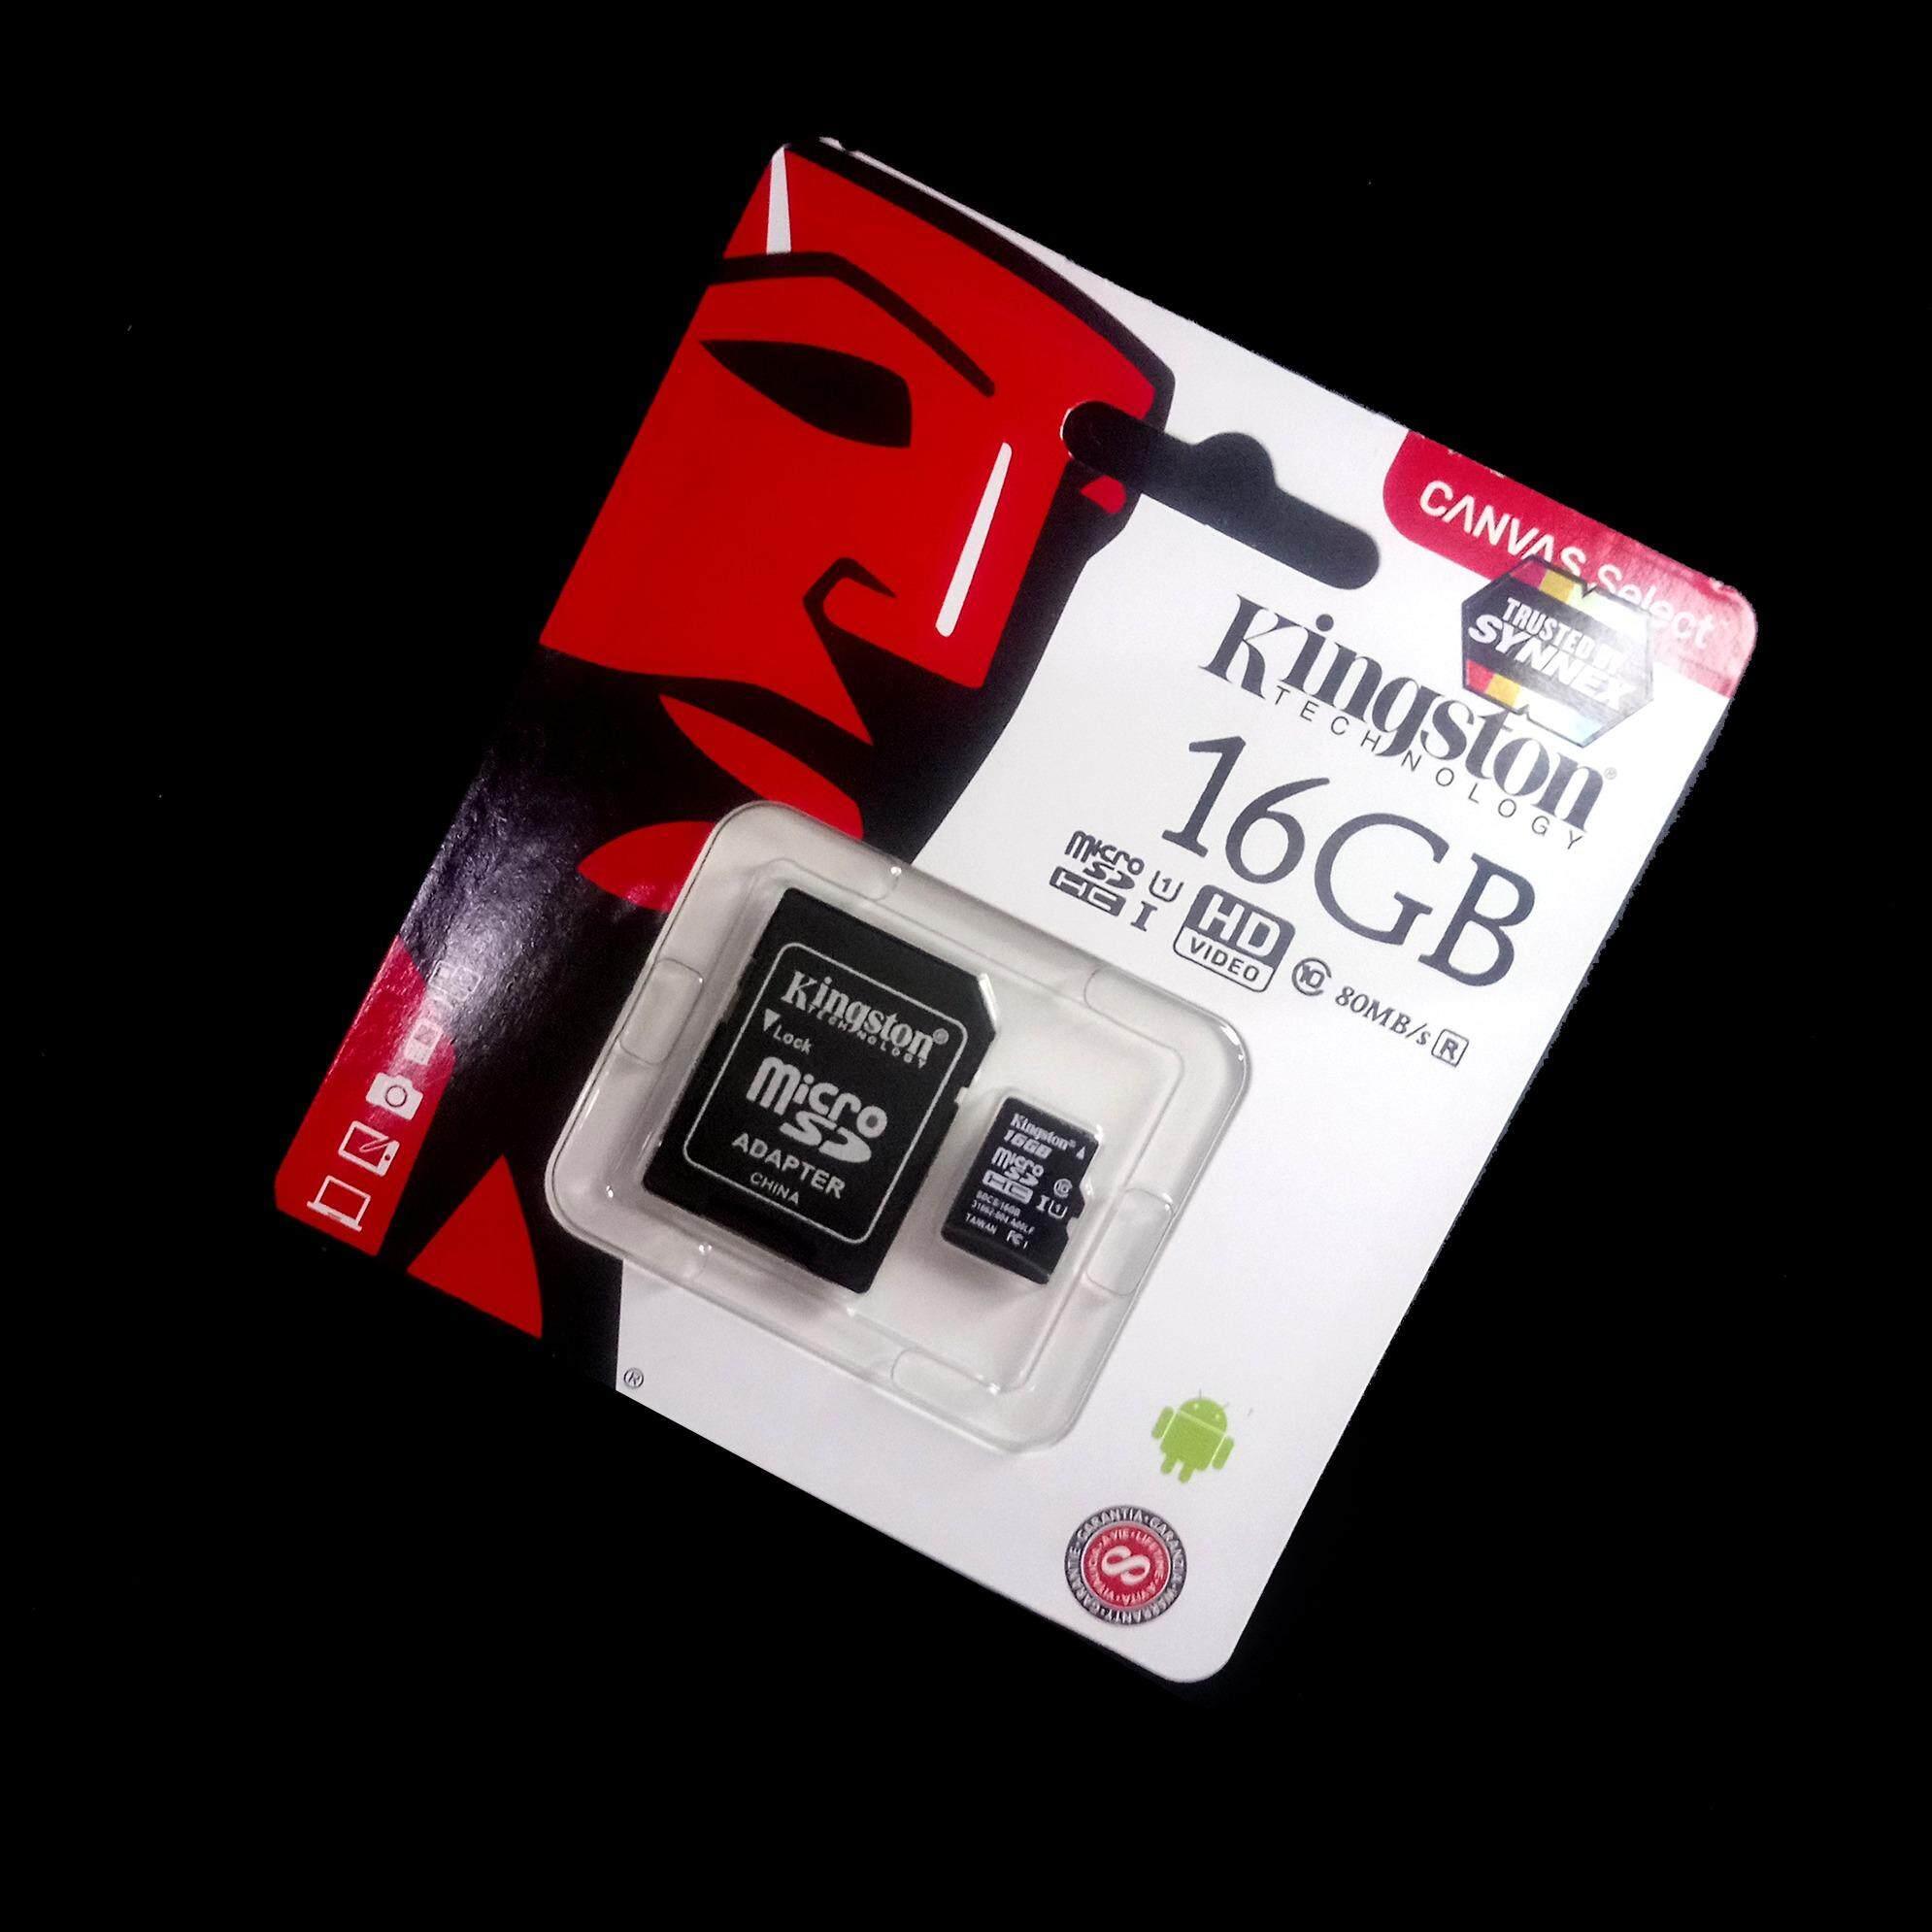 ขาย ของแท้ Synnex Kingston เมมโมรี่การ์ด 16Gb Sdhc Sdxc Class 10 Uhs I Micro Sd Card With Adapter กรุงเทพมหานคร ถูก